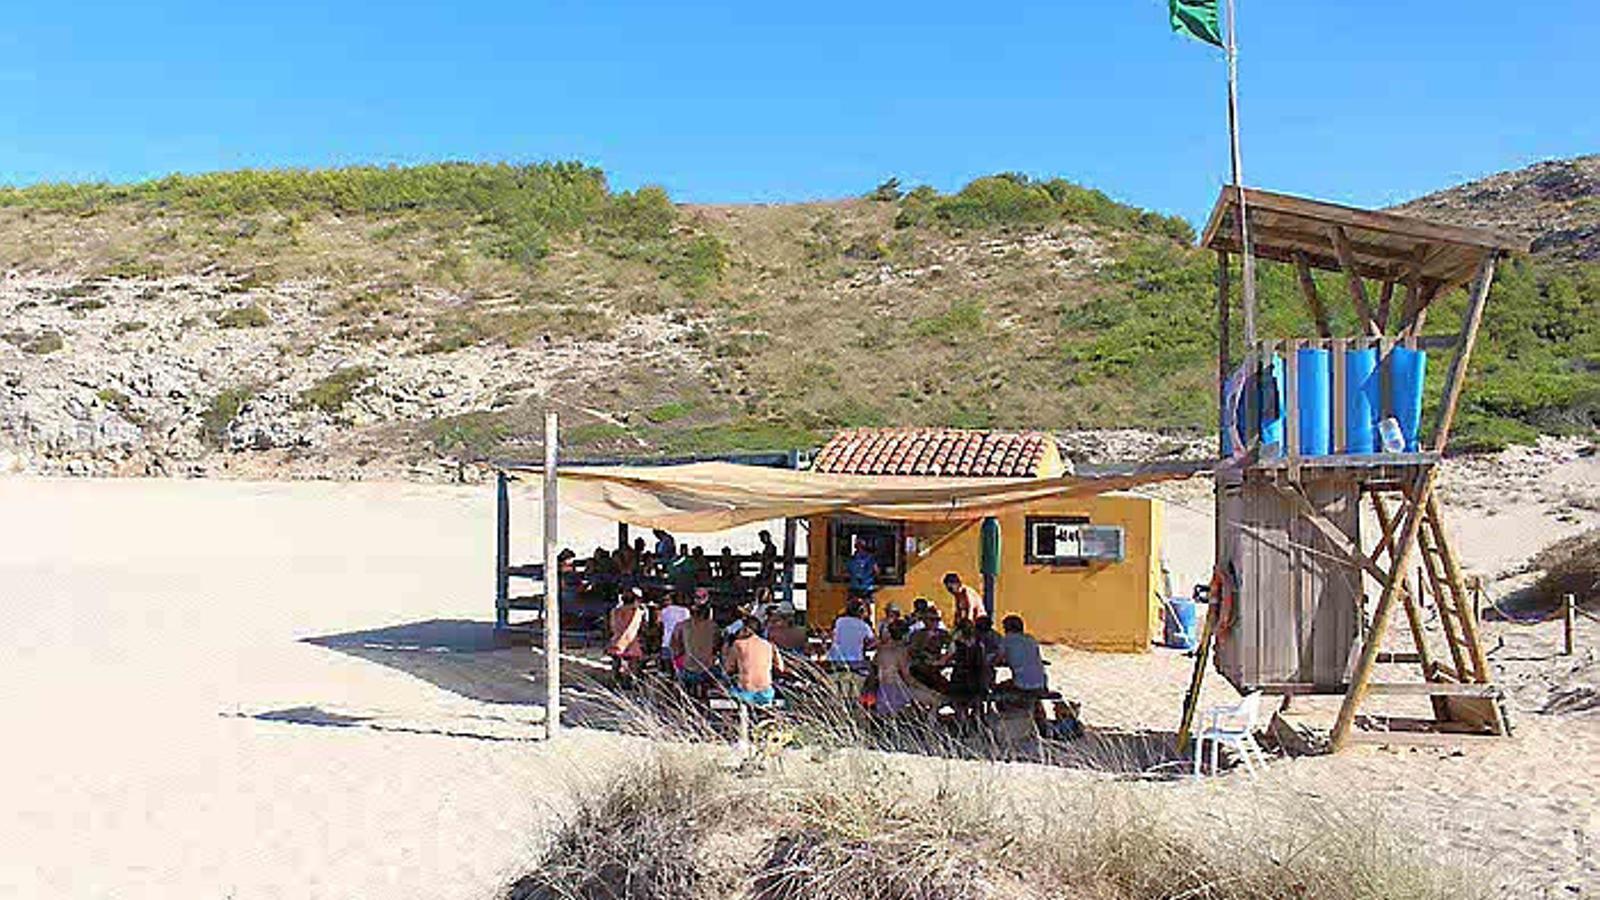 1. Xibiu de cala Torta. 2. La piscina de l'hotel Cala Vinyes. 3. Puro Beach Palma. 4. La polèmica piscina de Pedro J. Ramírez.